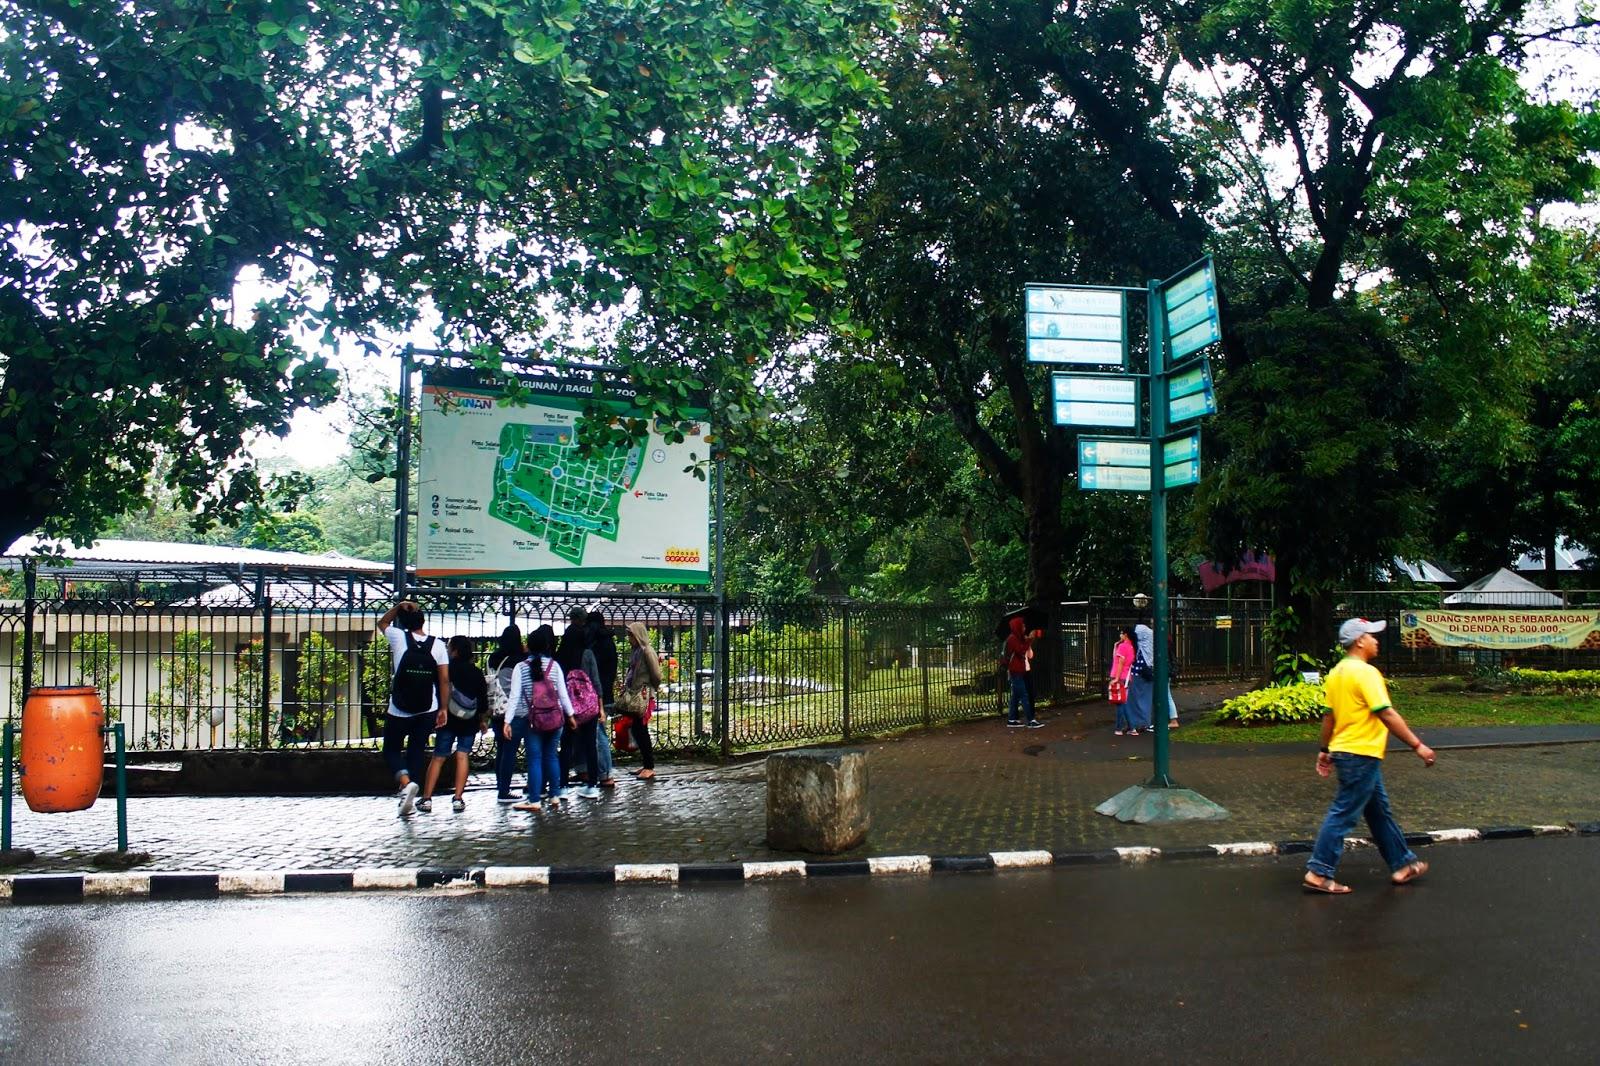 Wisata Edukasi dan Rekreasi Kebun Binatang Ragunan